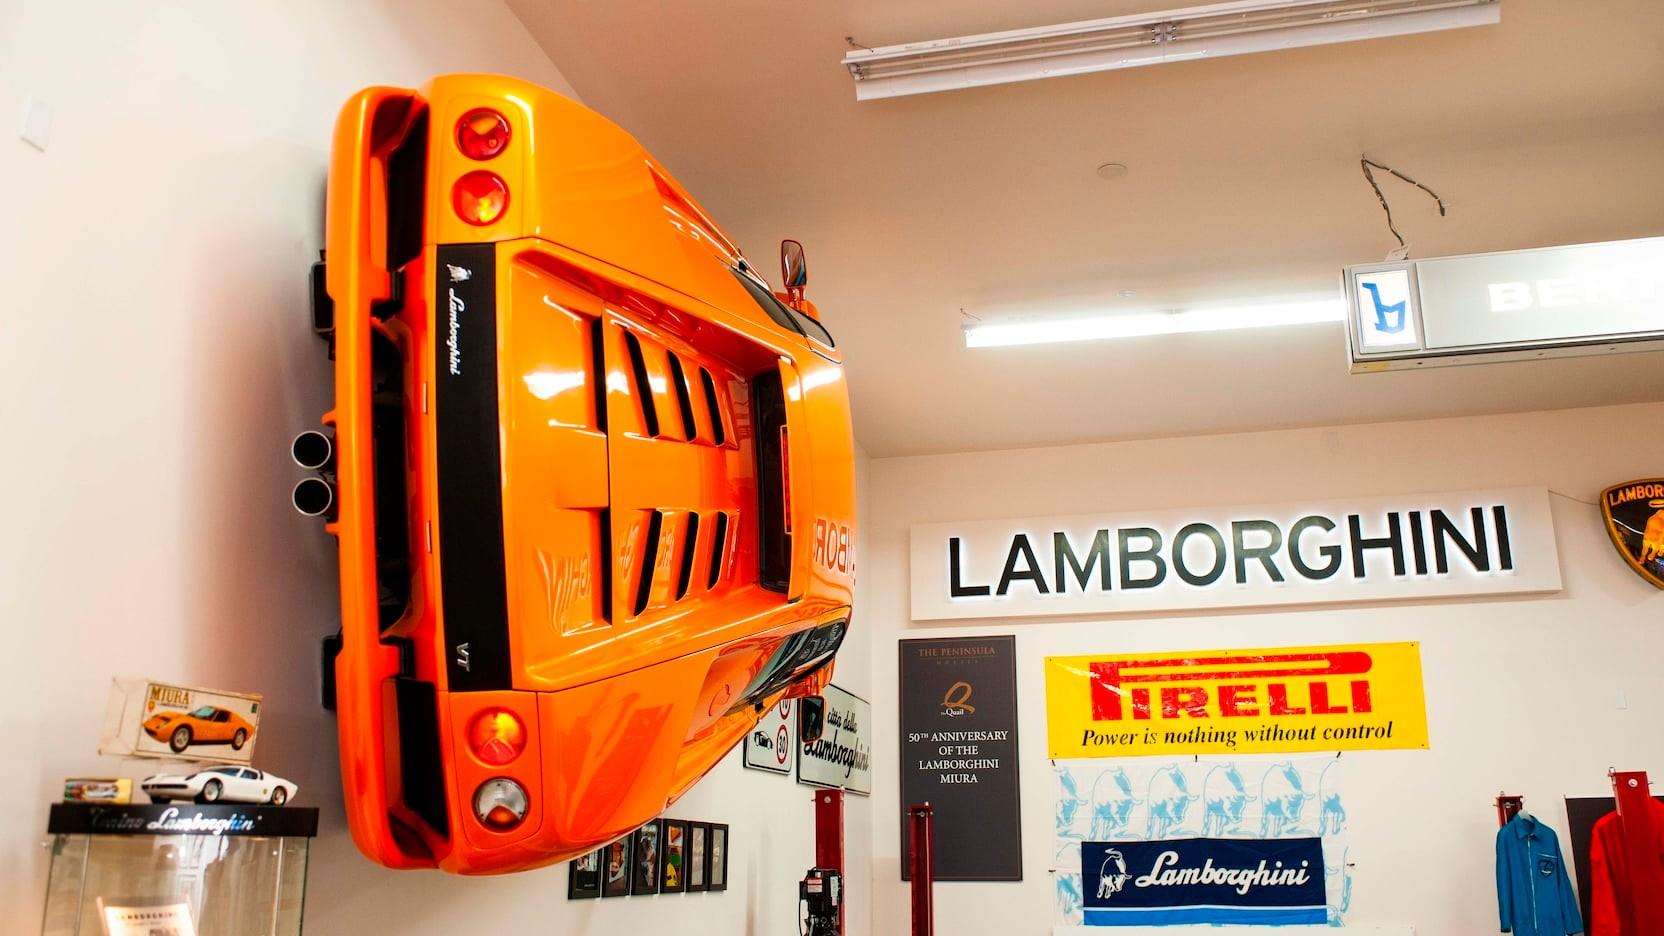 Lamborghini-Diablo-VT-for-wall-9